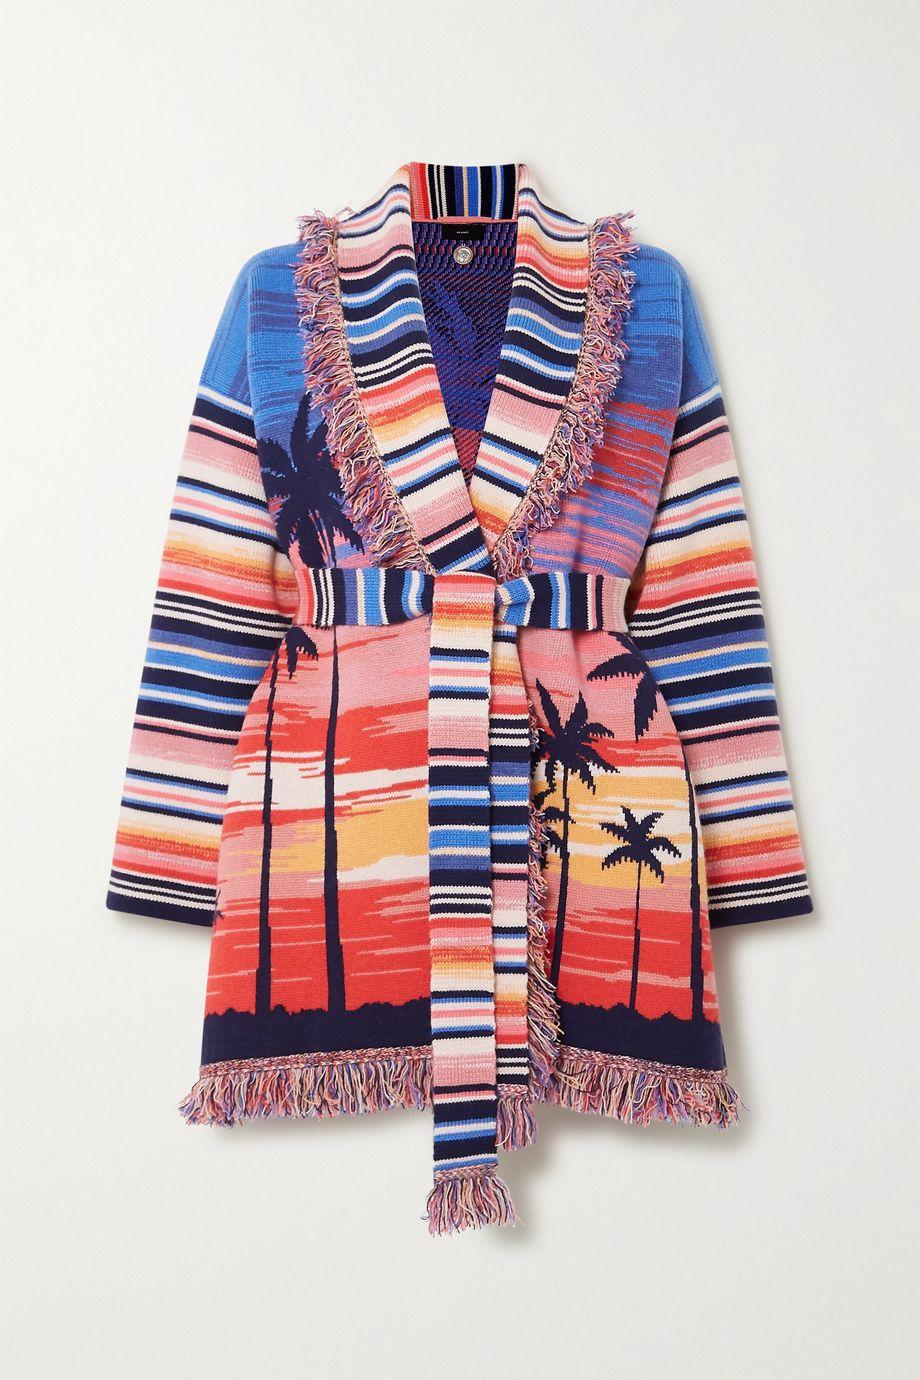 Alanui Malibu Sunset belted fringed cashmere-blend jacquard cardigan